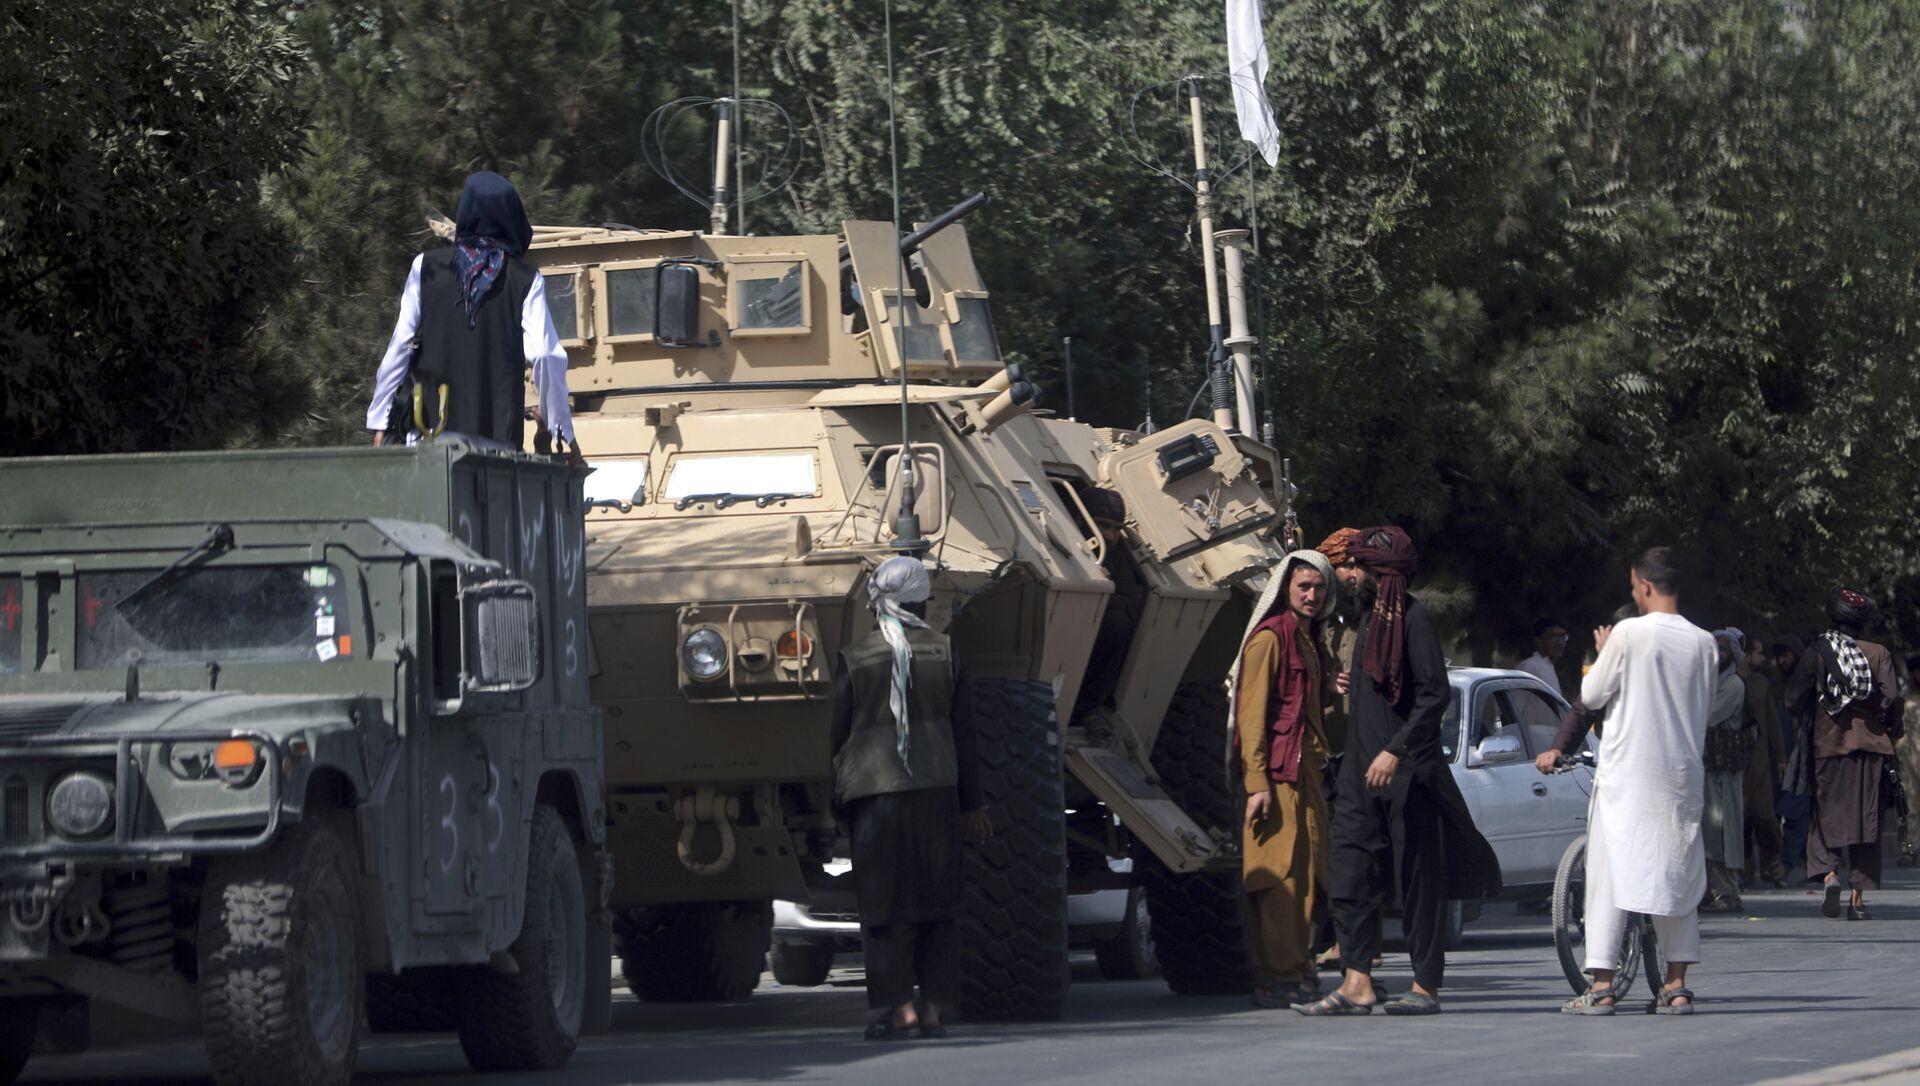 Các chiến binh Taliban đứng gác trên đường tới Sân bay Quốc tế Hamid Karzai, ở Kabul, Afghanistan, Thứ Hai, ngày 16 tháng 8 năm 2021 - Sputnik Việt Nam, 1920, 18.08.2021